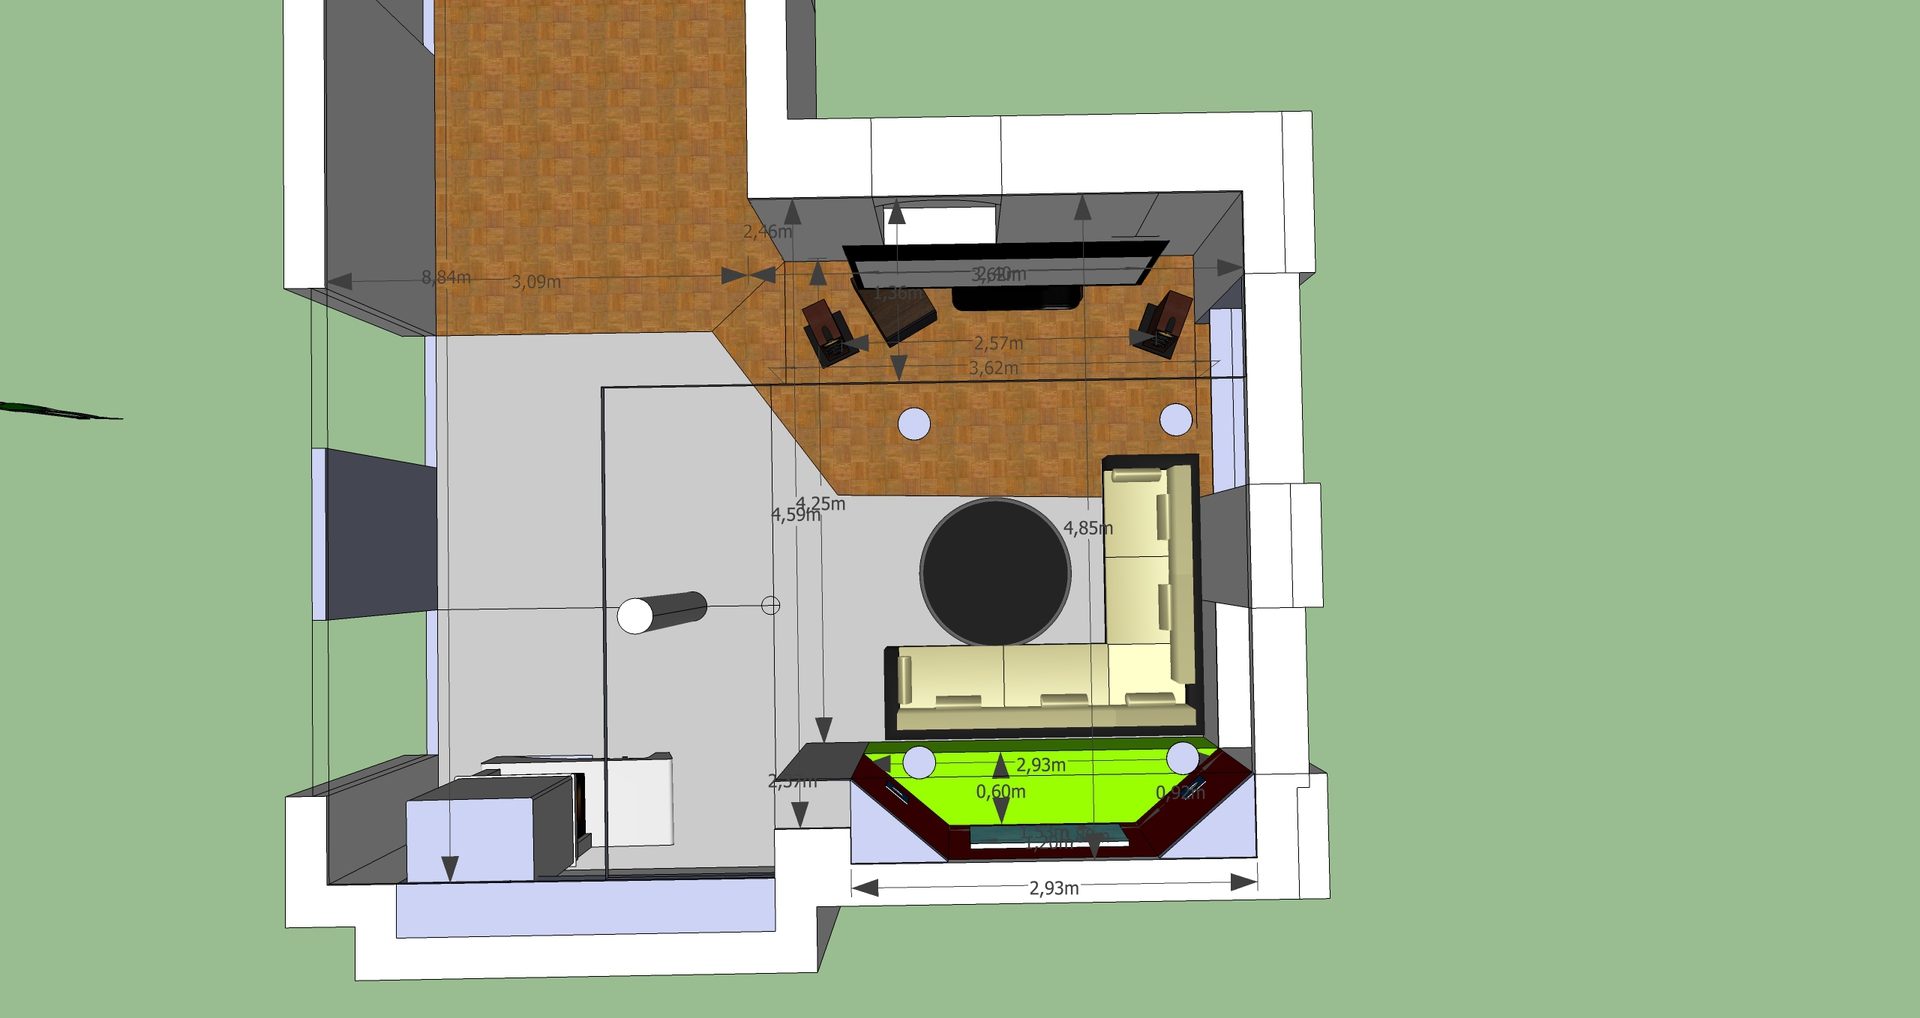 Wohnzimmer grundriss 2 11 heimkino lautsprecher - Wohnzimmer grundriss ...